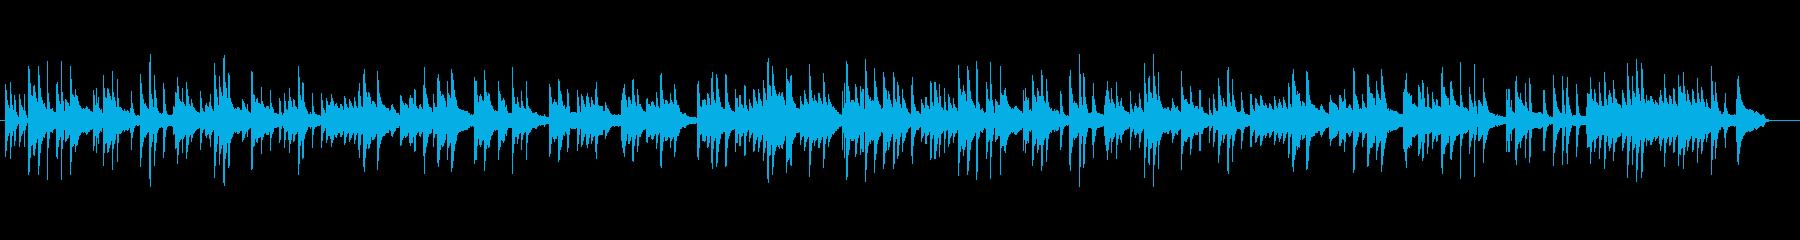 優しいクラシカルなピアノバラードの再生済みの波形